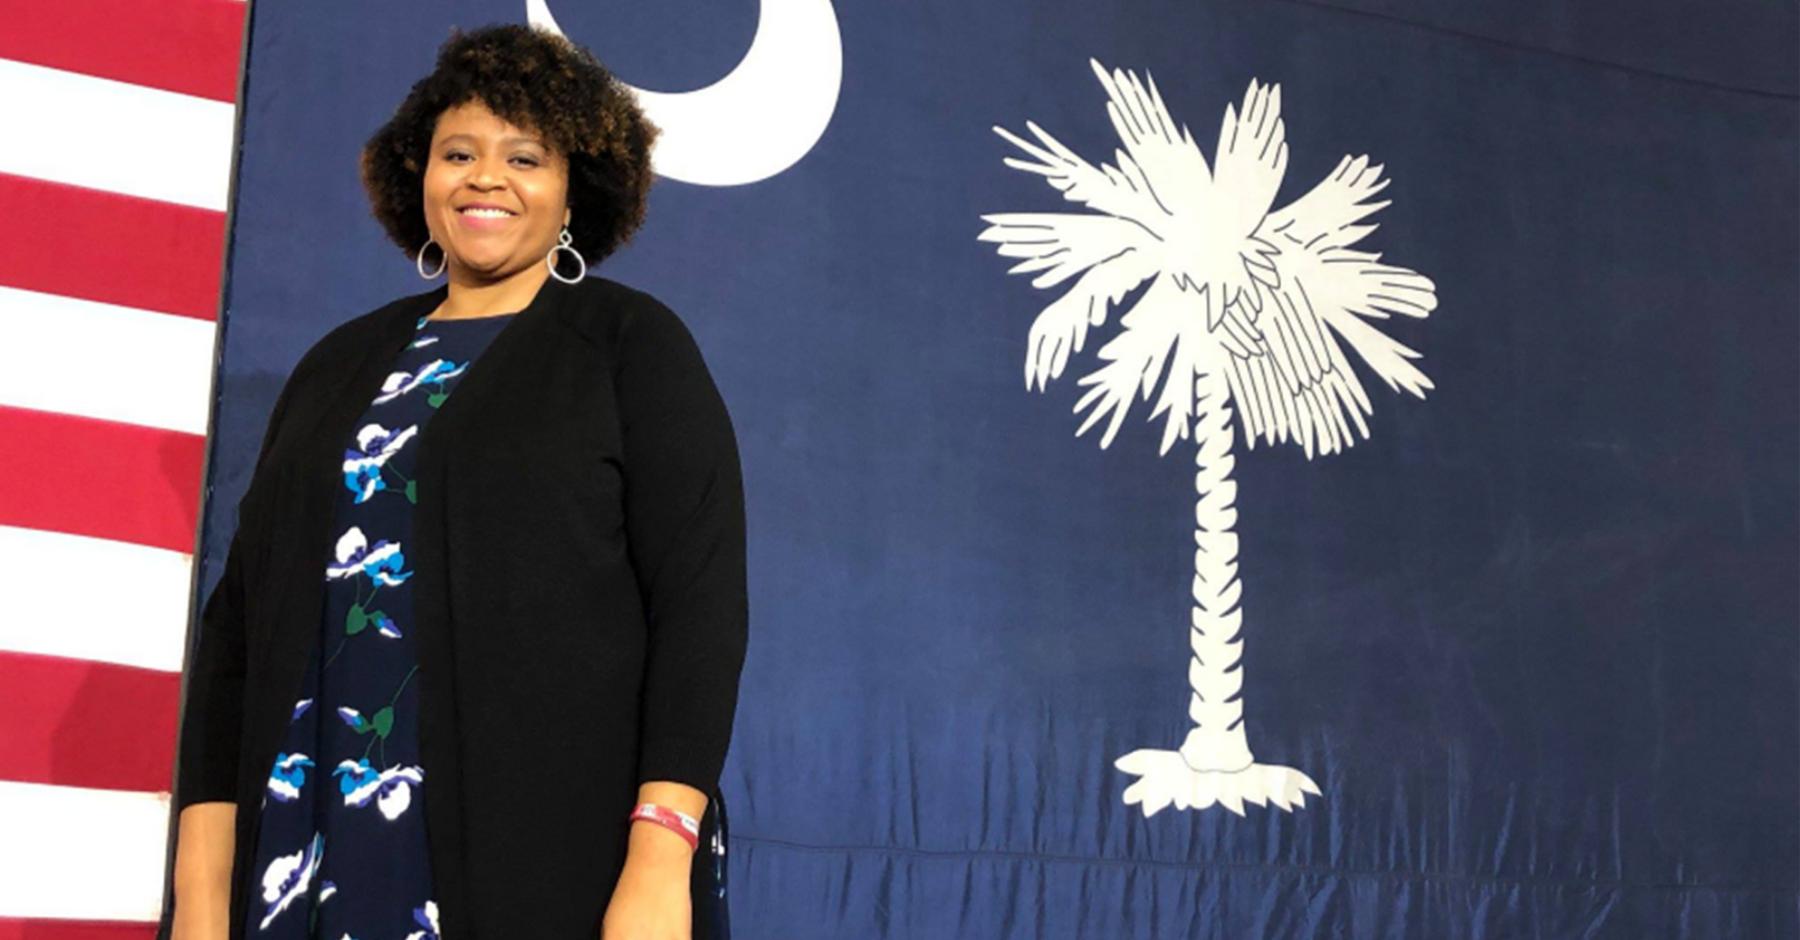 Emerge South Carolina Hires Jessica Bright As Executive Director